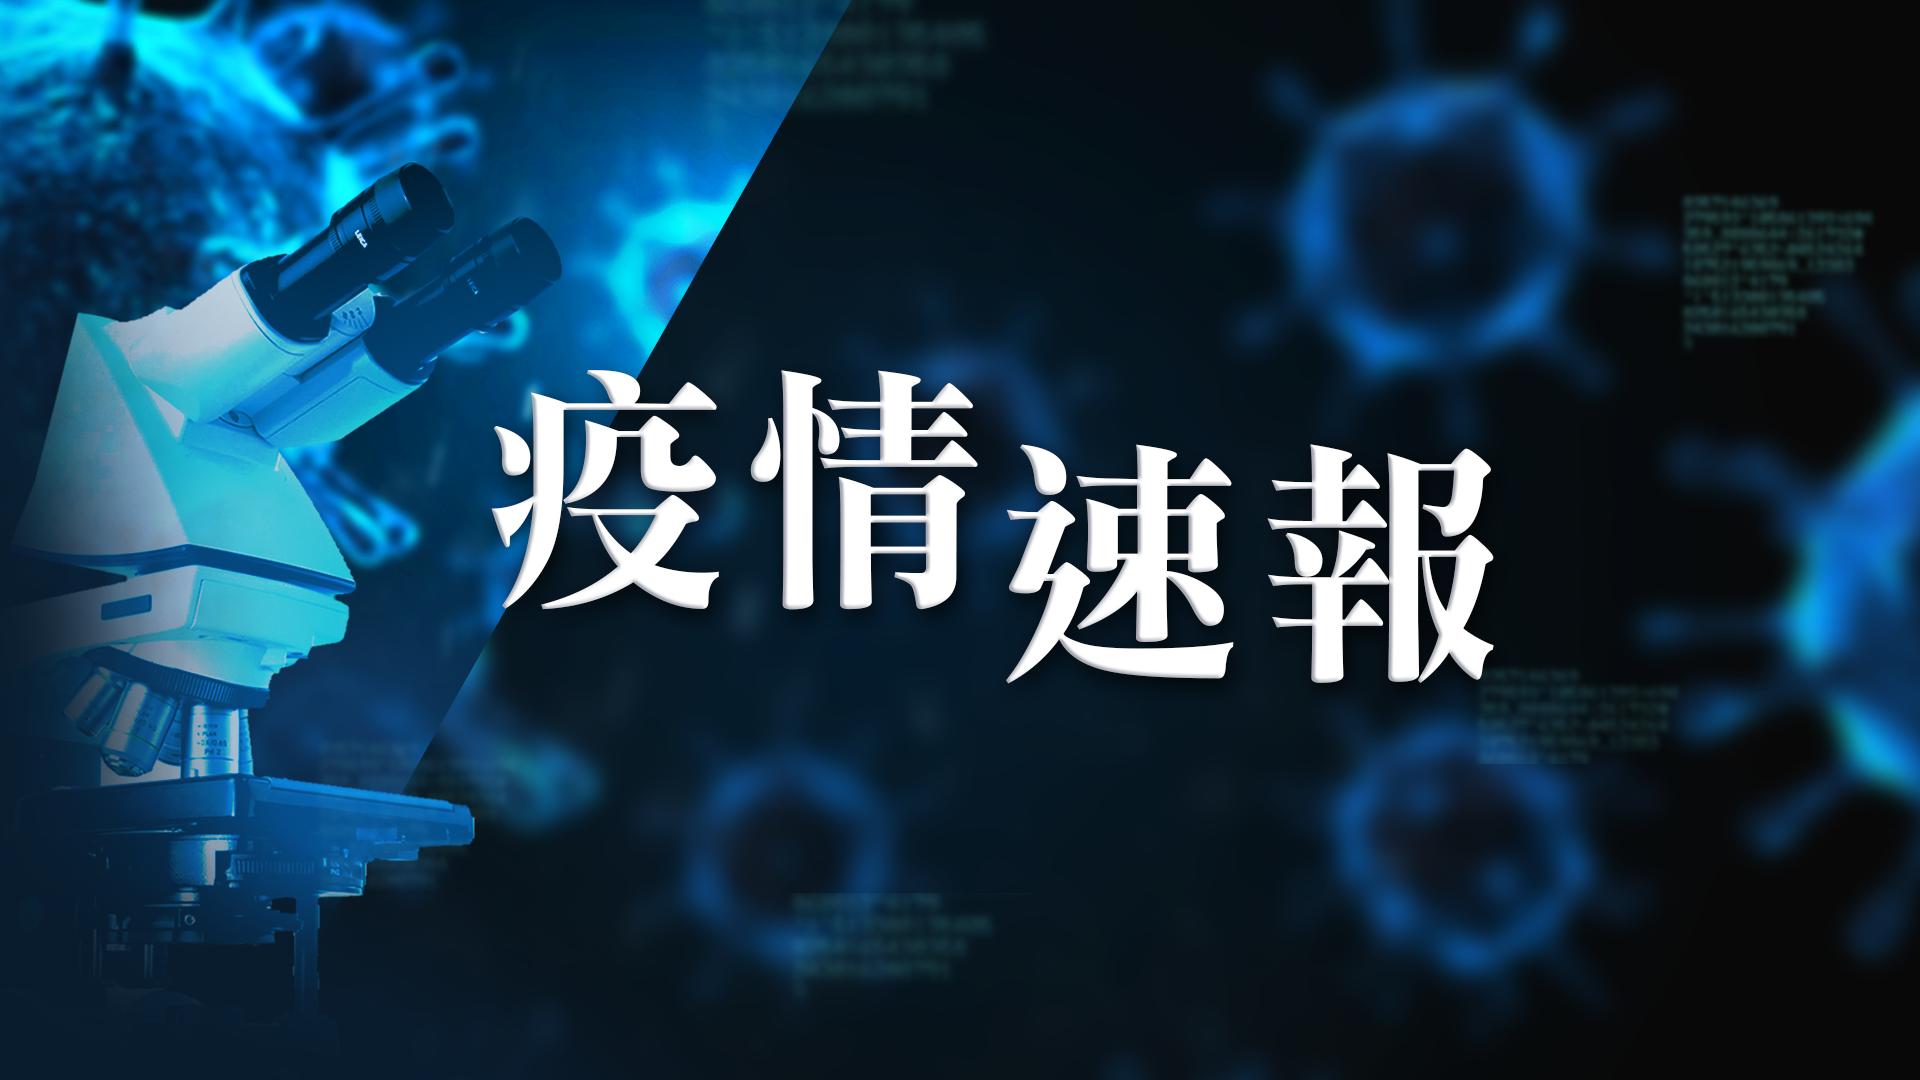 【8月5日疫情速報】(10:30)